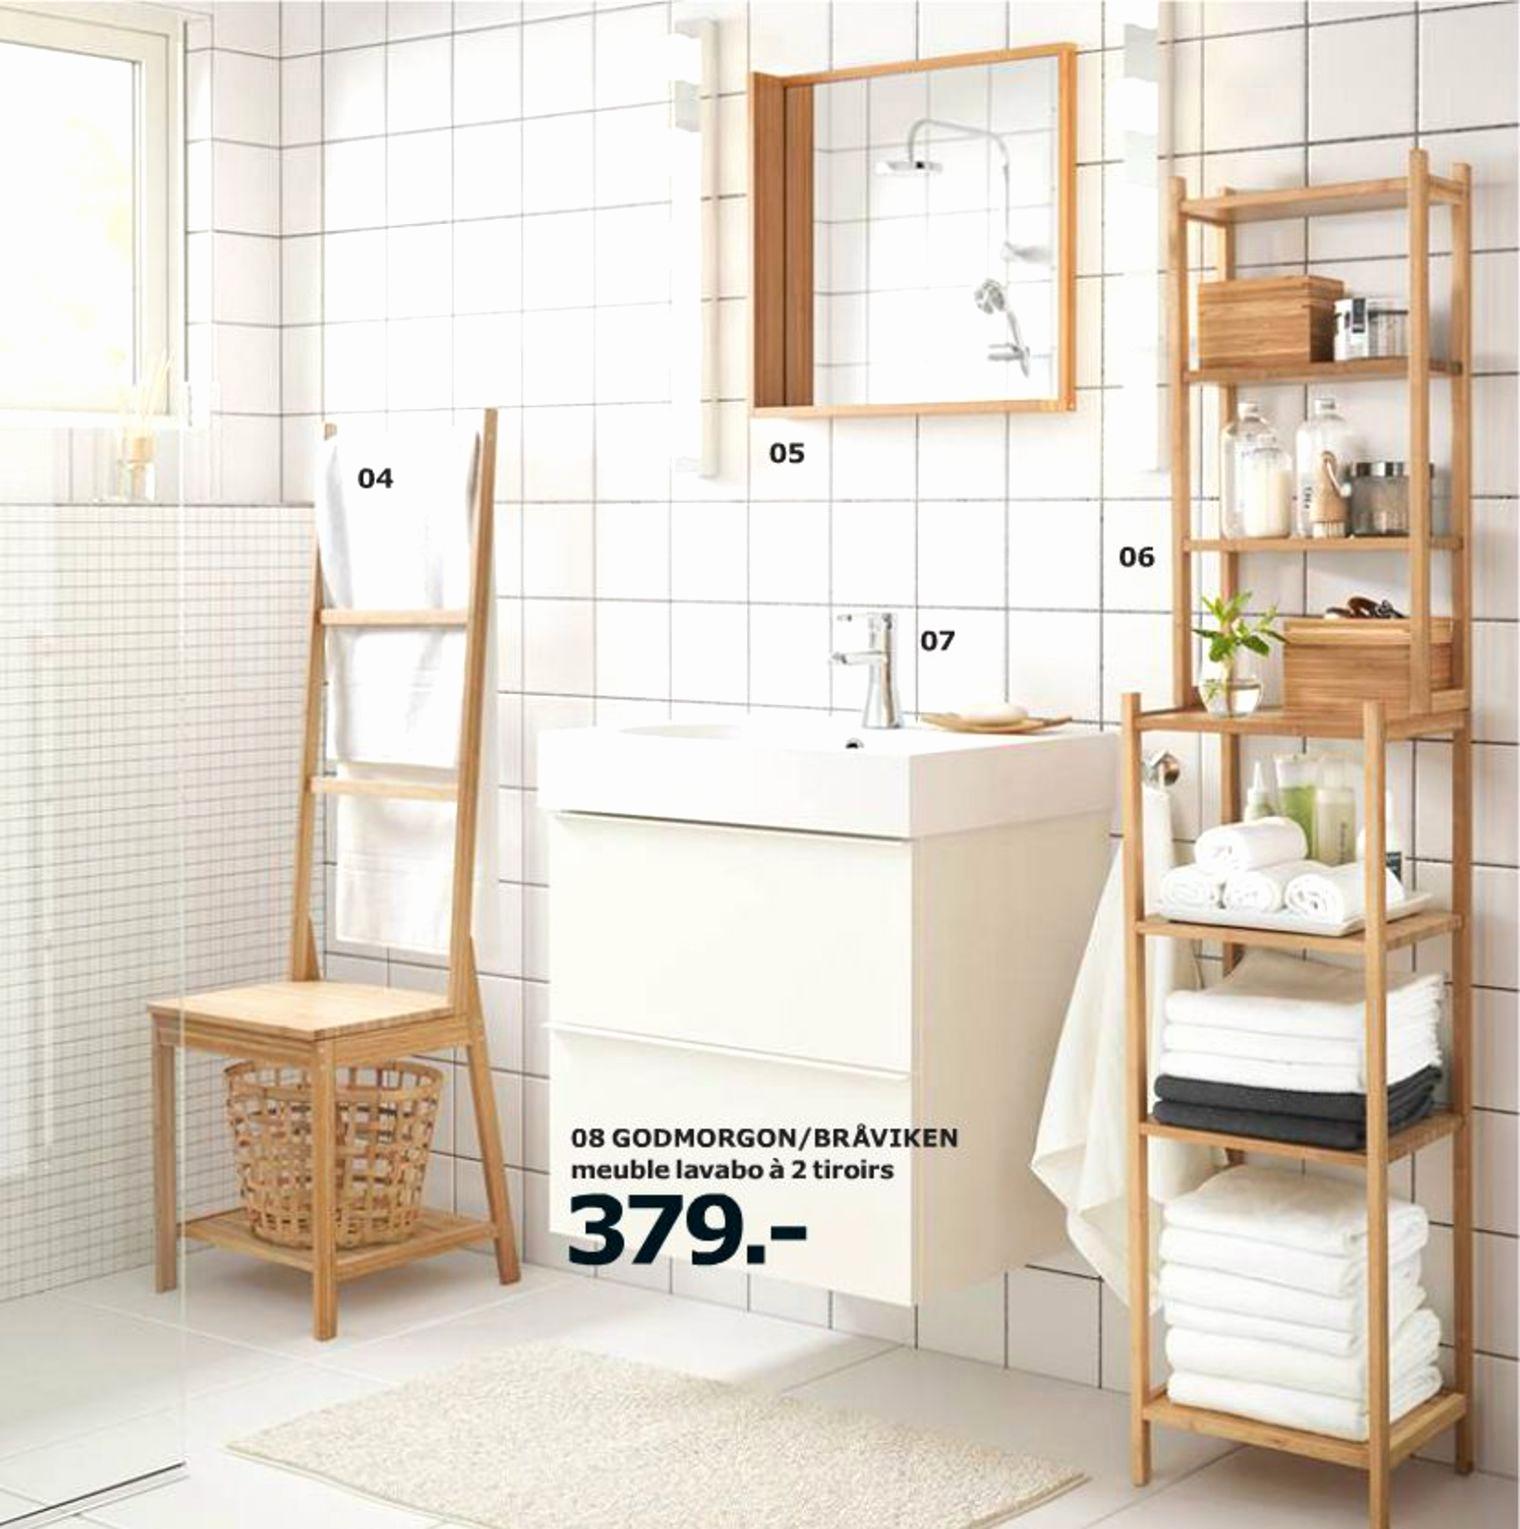 Ikea Salles De Bains Meilleur De Image 28 Inspirant Meuble Serviette Salle De Bain